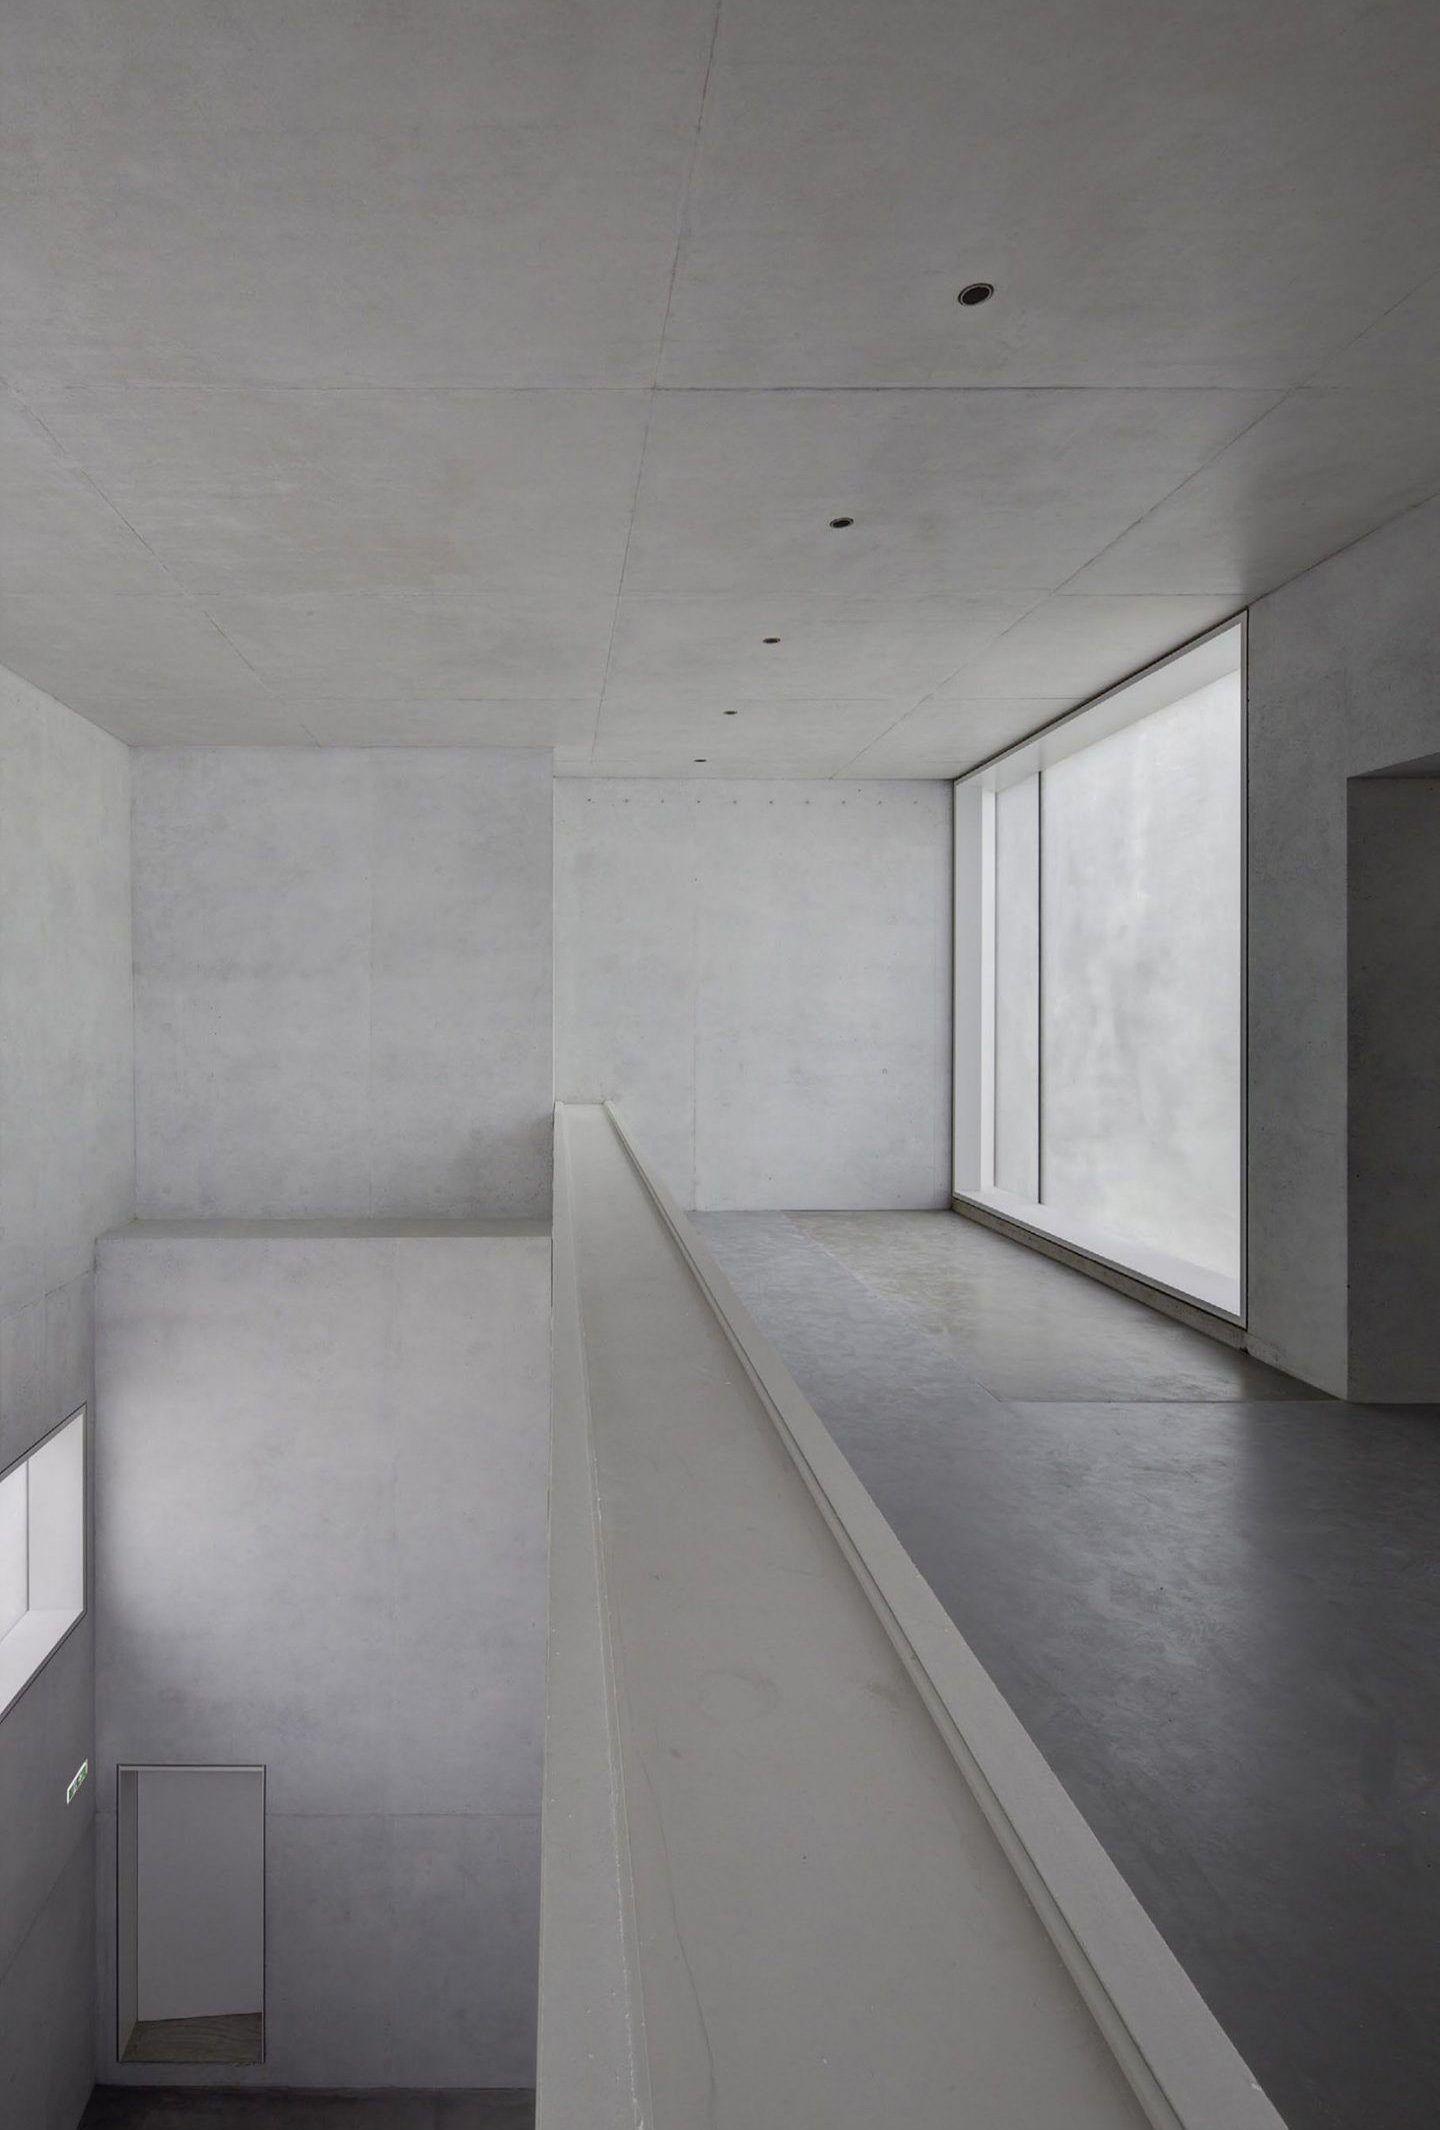 ignant-architecture-bruno-fioretti-marquez-bauhaus-meisterhauser-12